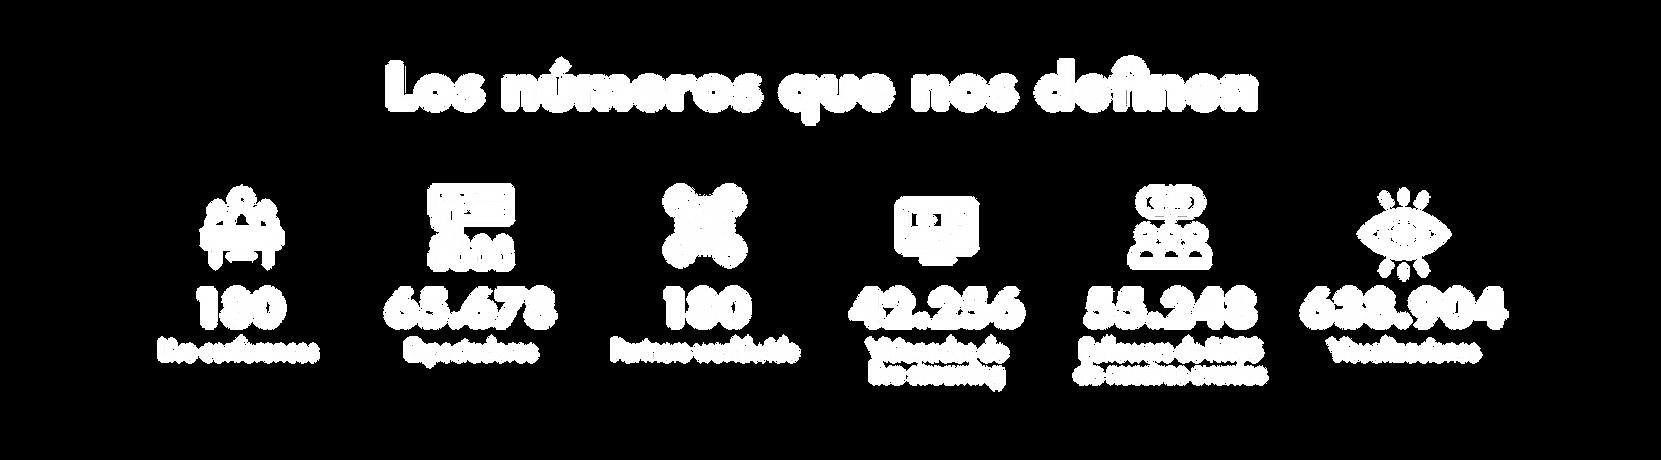 BLAANCO_Los_números_que_nos_definen_Me